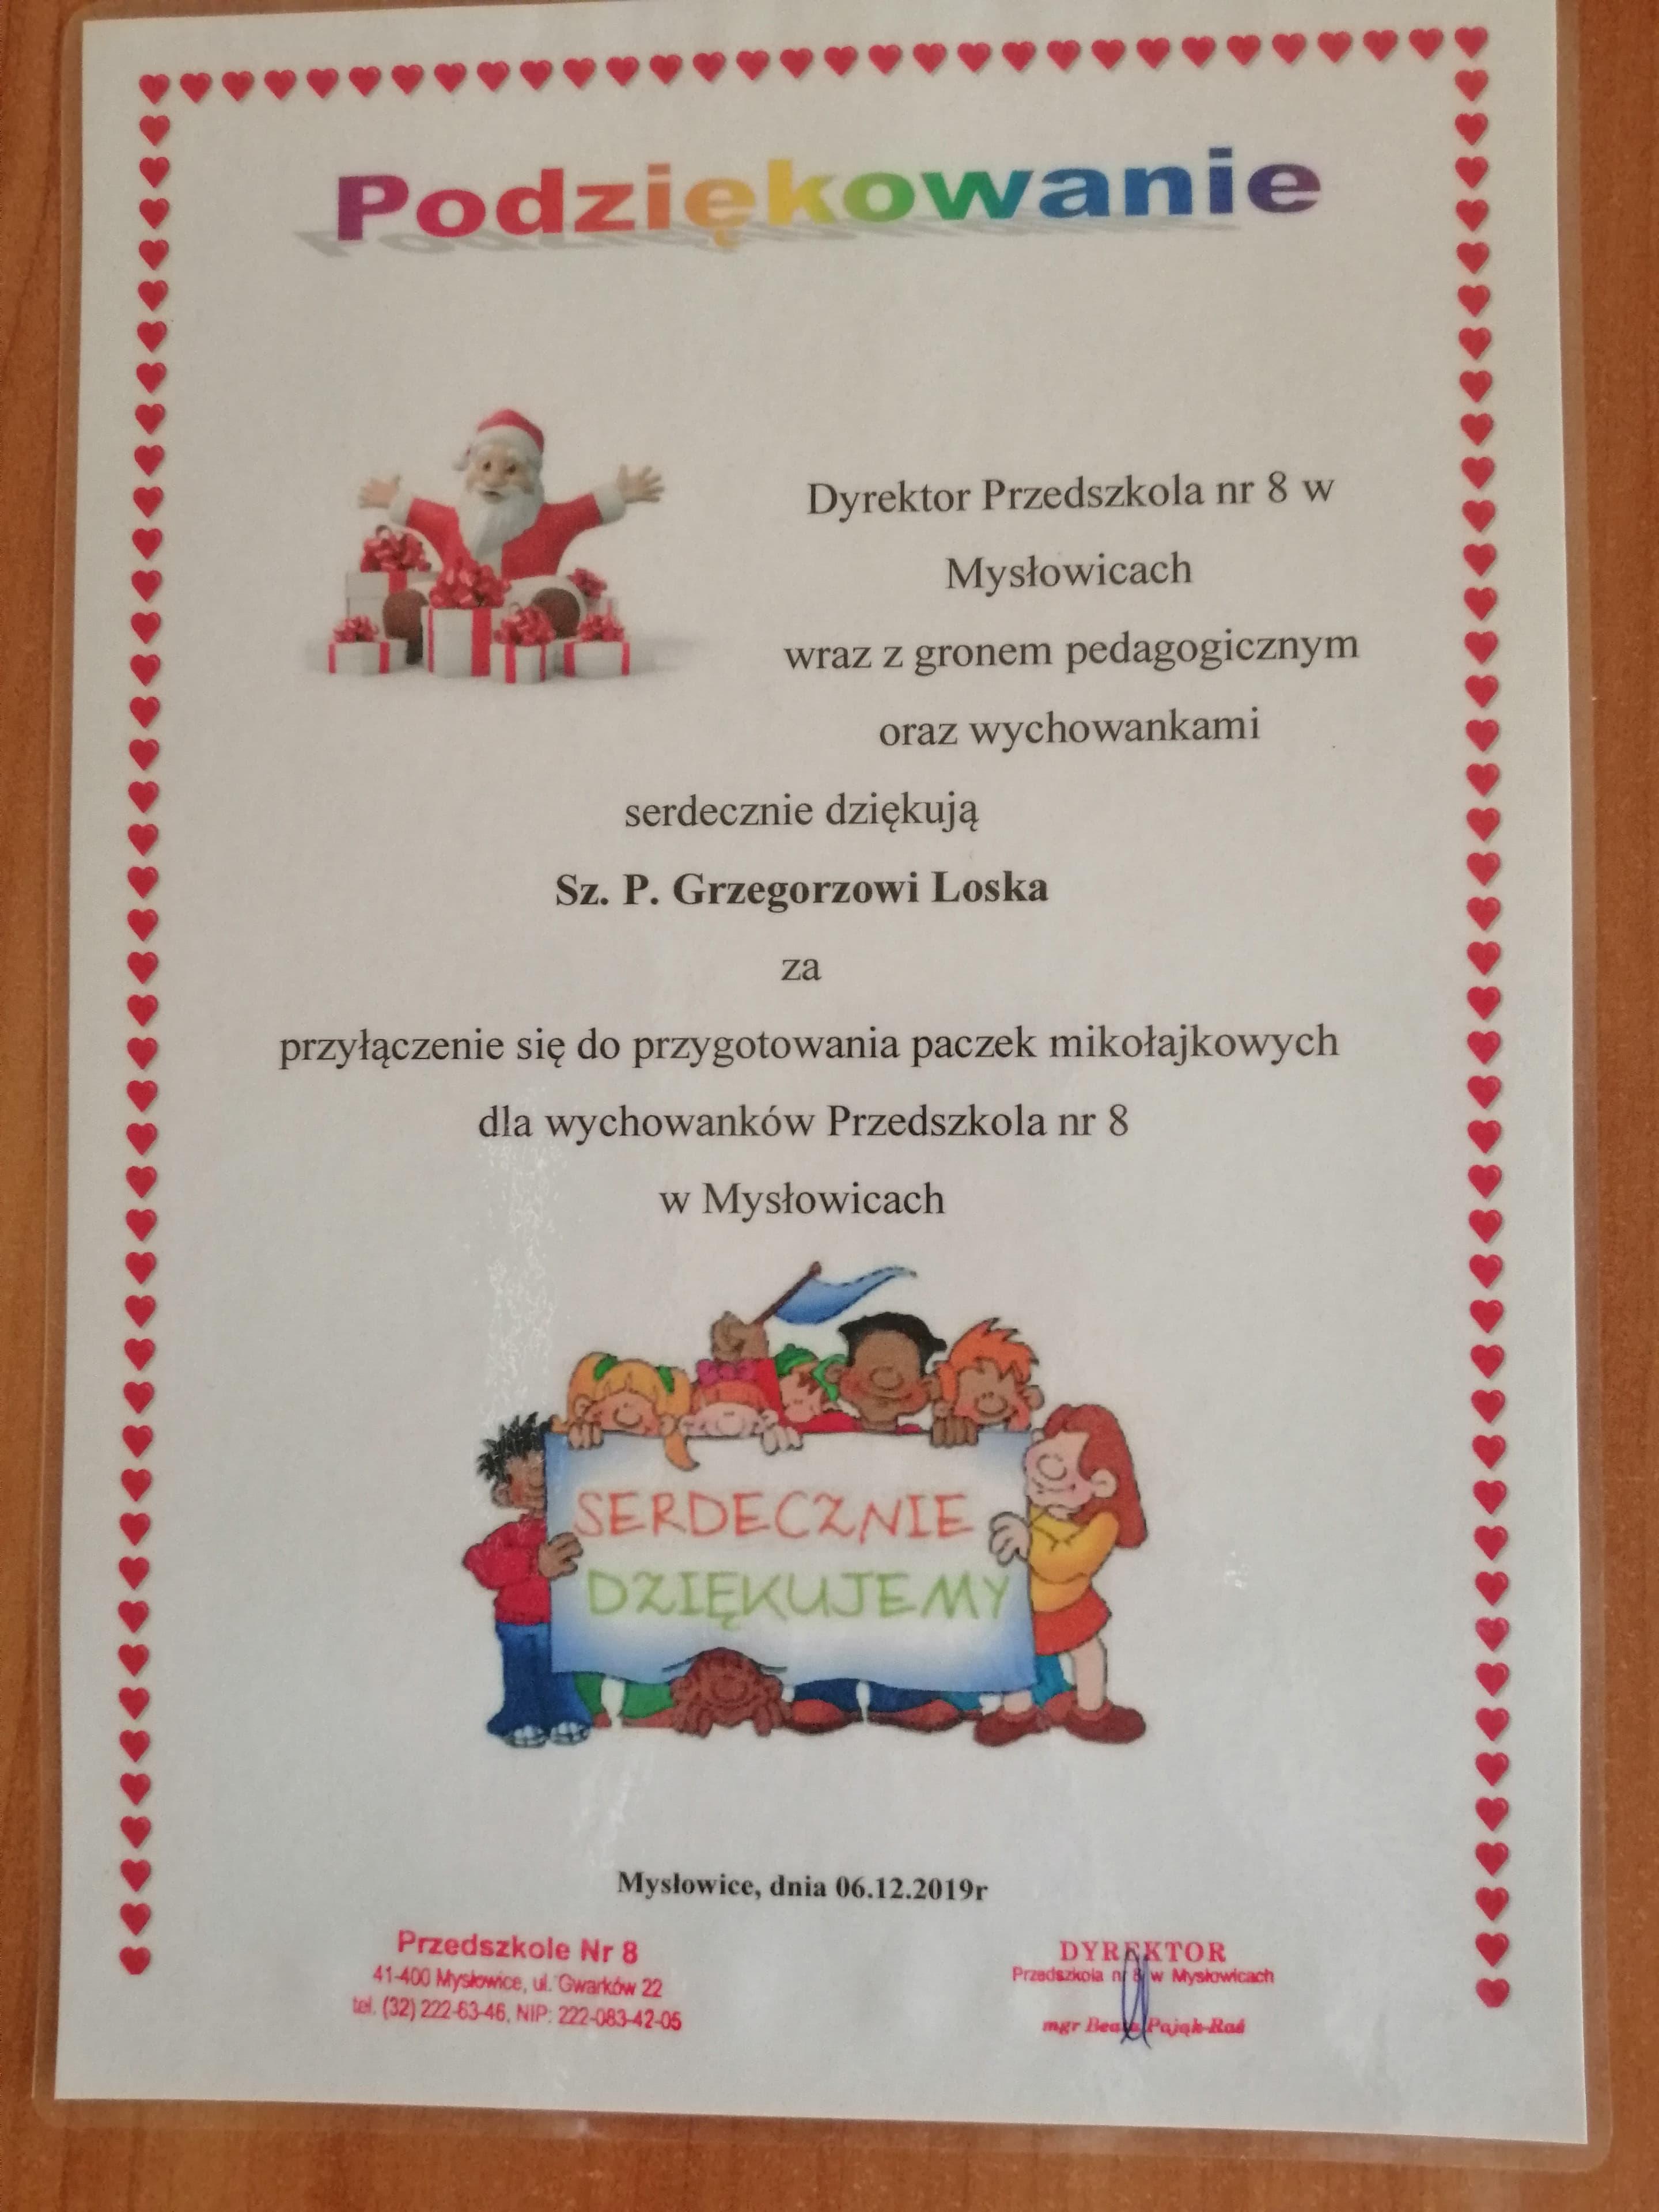 Przedszkole Nr 8 W Mysłowicach